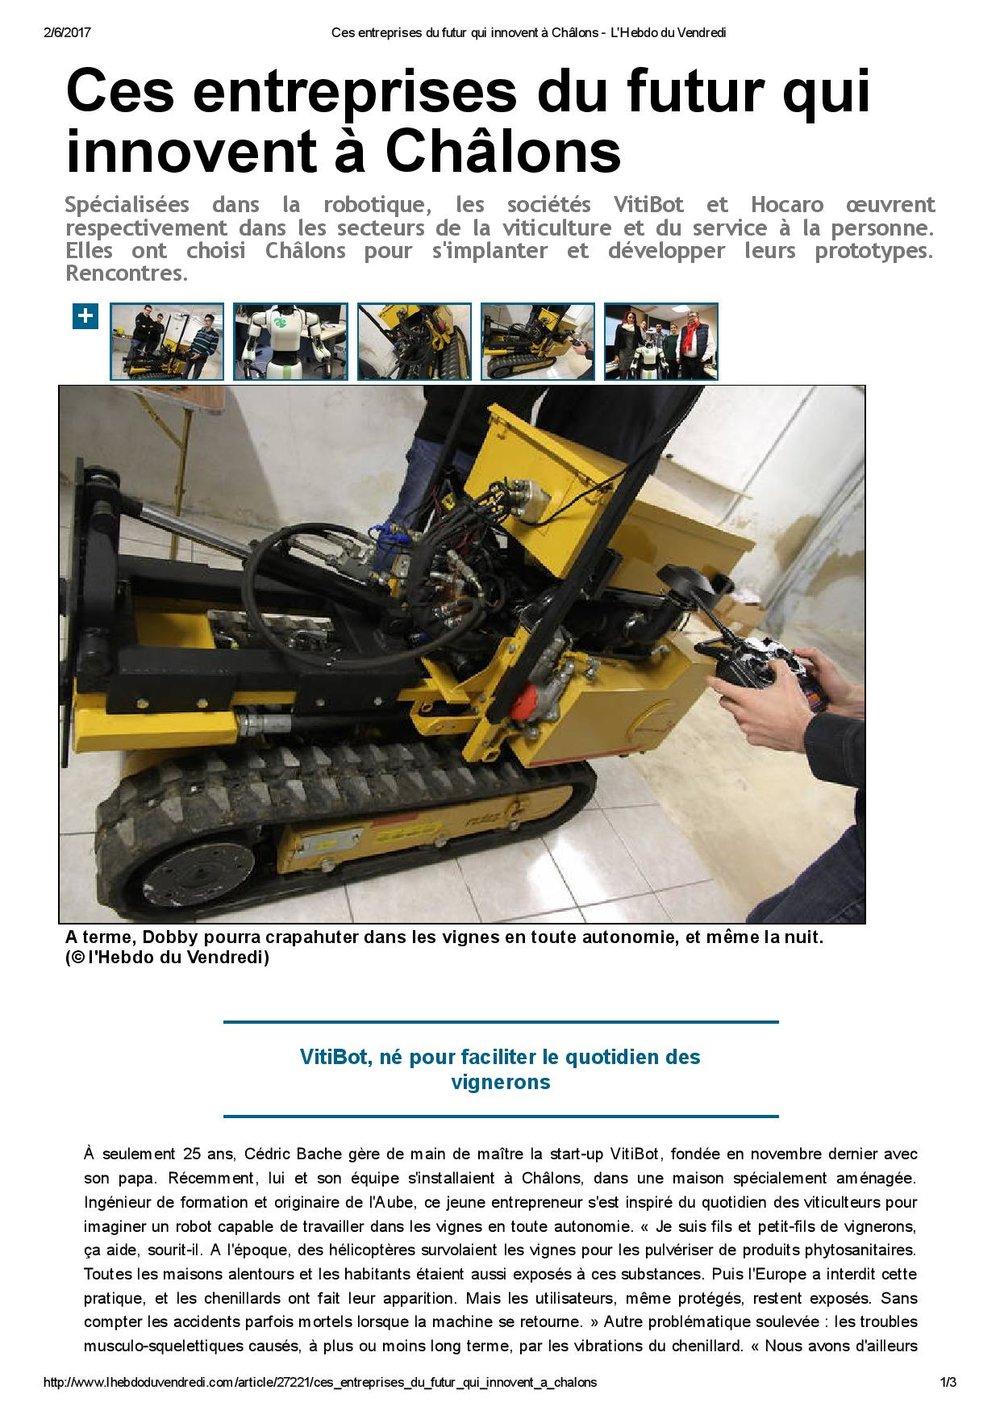 17.02.06.L Hebdo_du_Vendredi-page-001.jpg